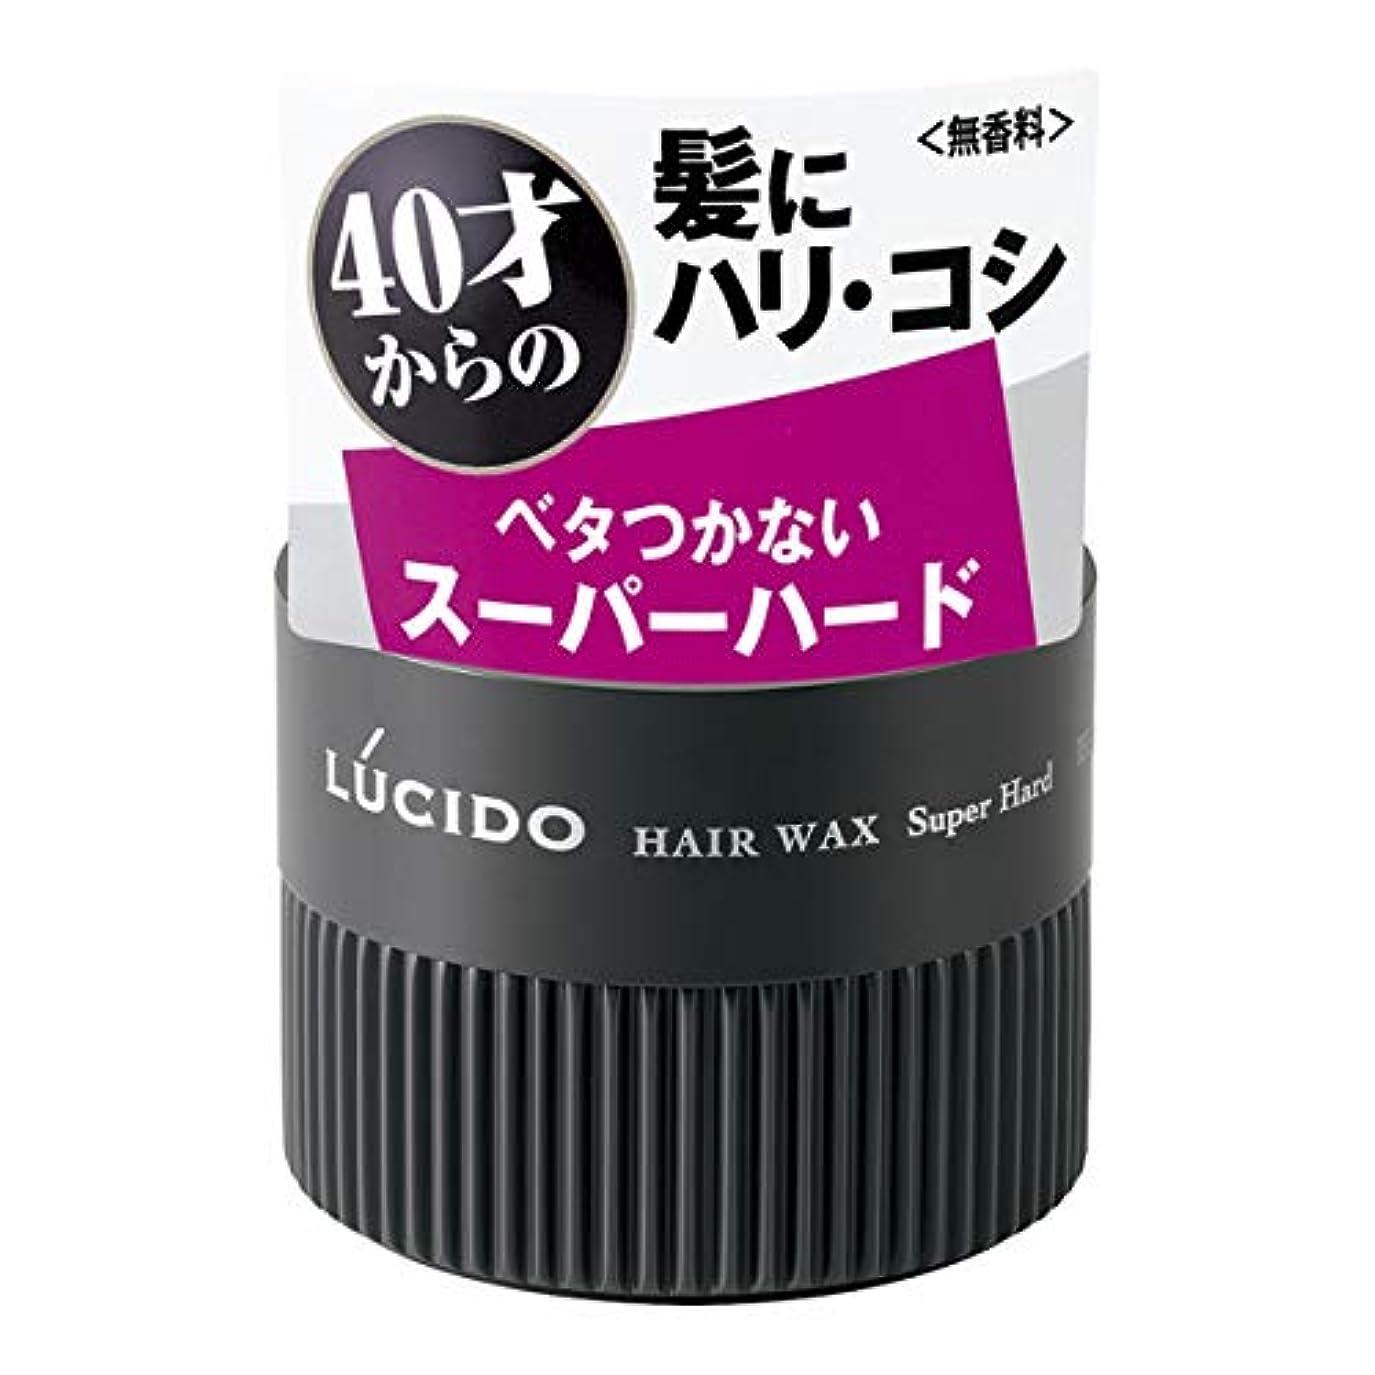 反対に染色バーストLUCIDO(ルシード) ヘアワックス スーパーハード 80g